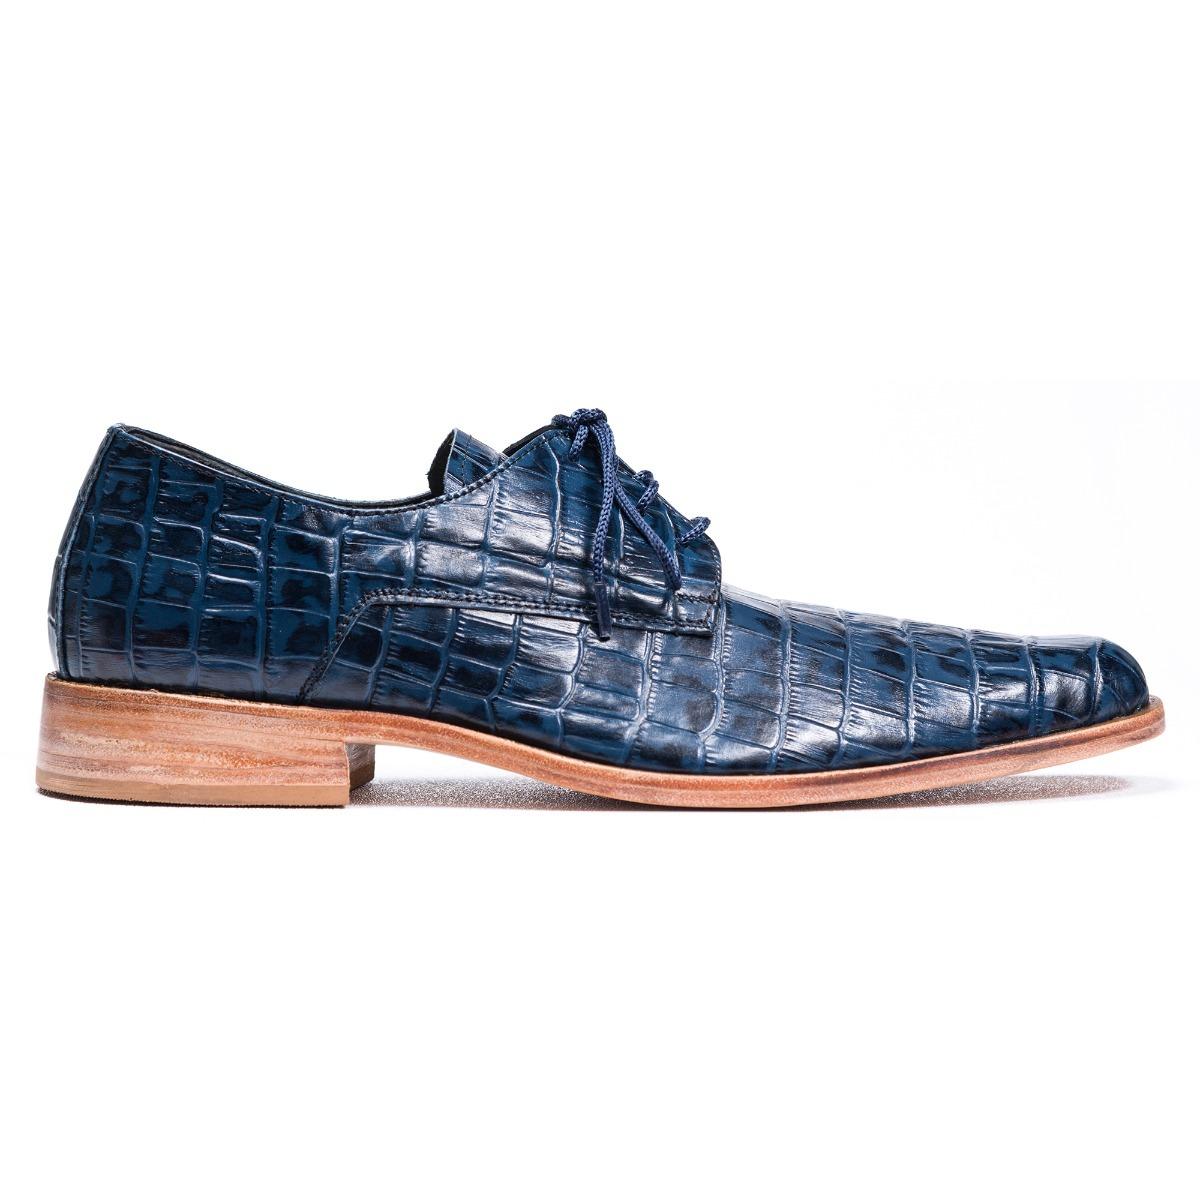 c263097153b zapato de hombre suela sport cuero cocodrilo croco azul. Cargando zoom.